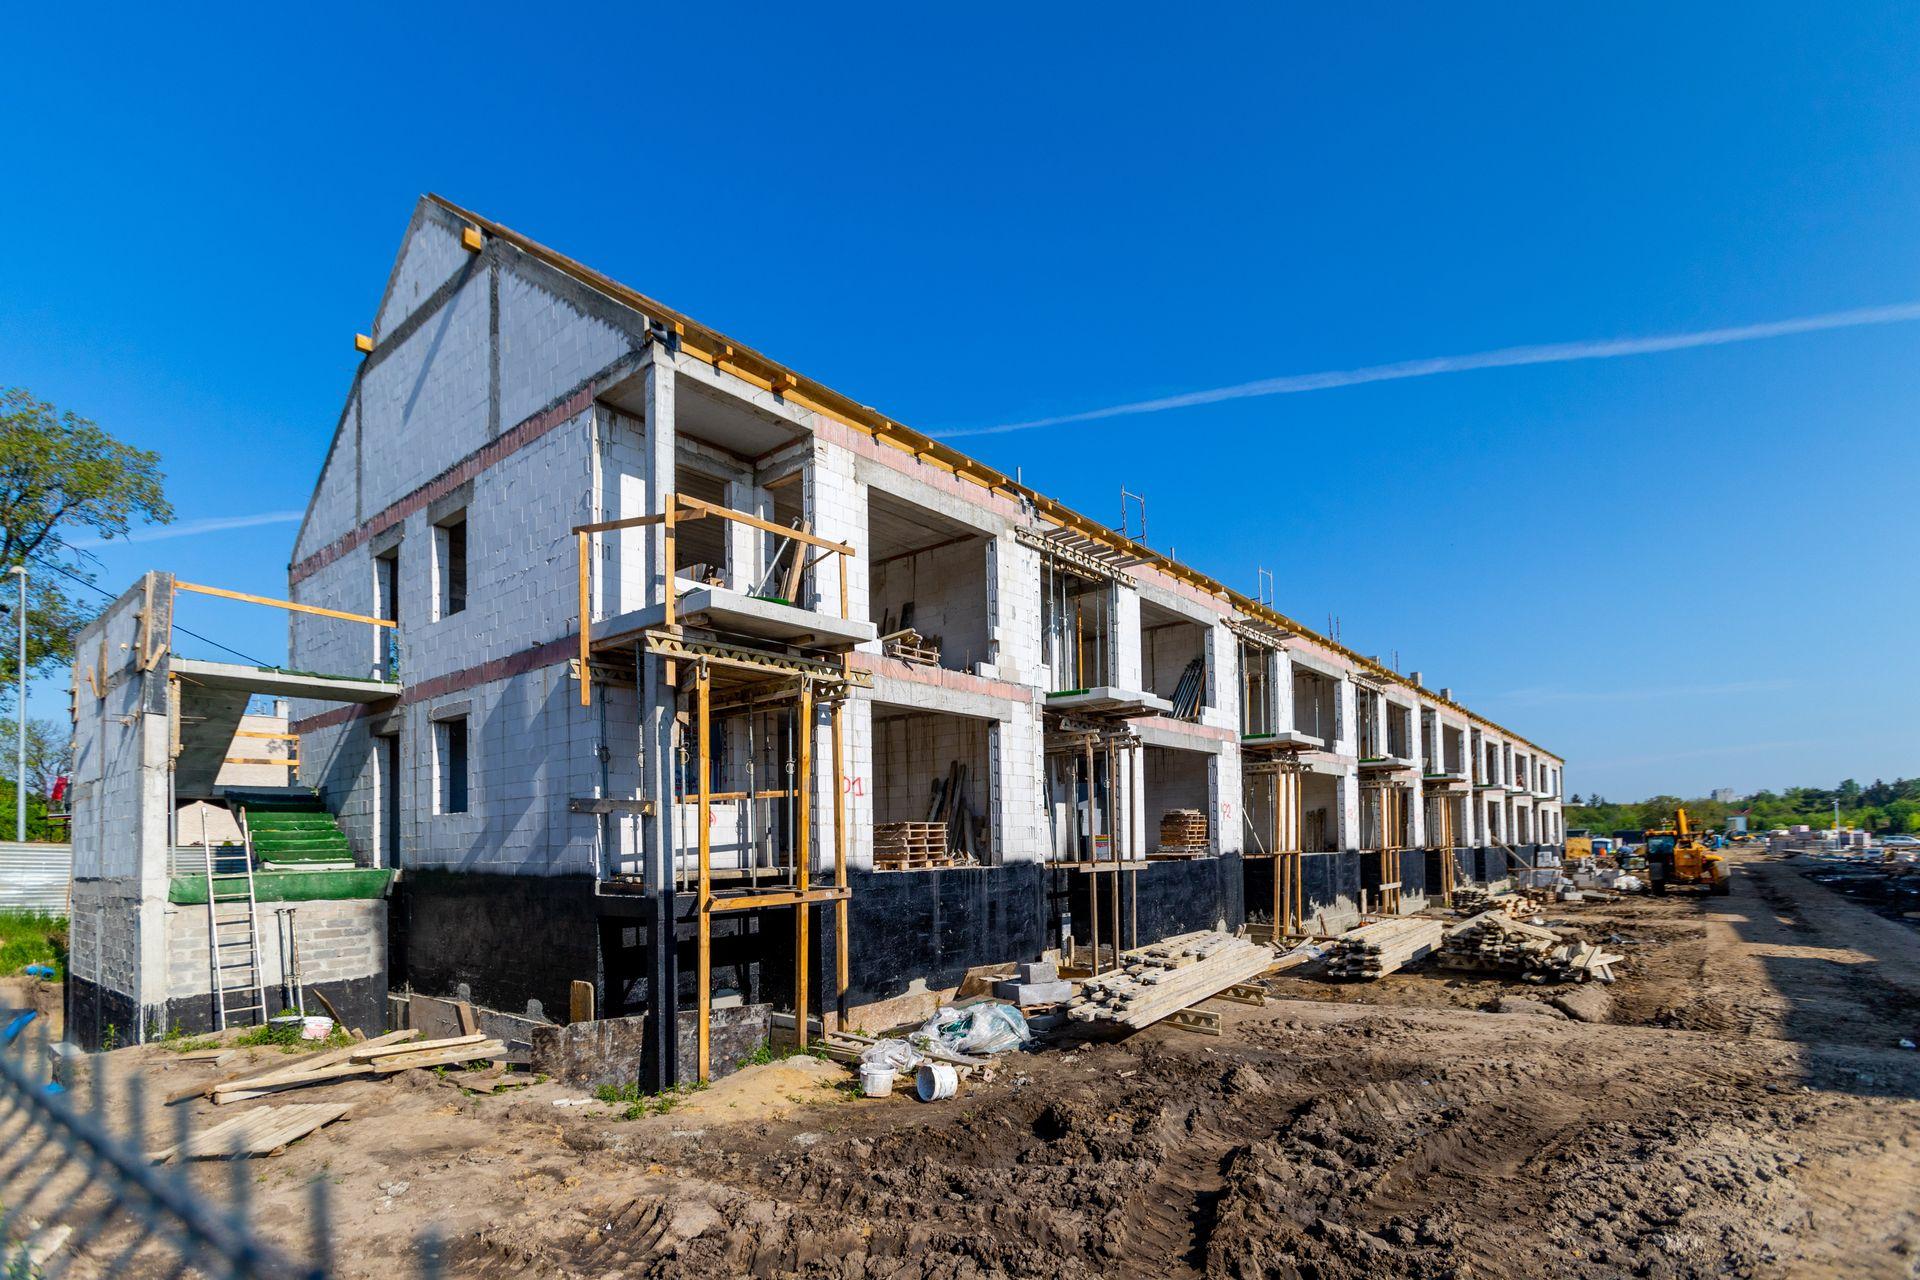 Na zachodzie Wrocławia przybędzie prawie 200 domów? Zajmą kilkadziesiąt hektarów